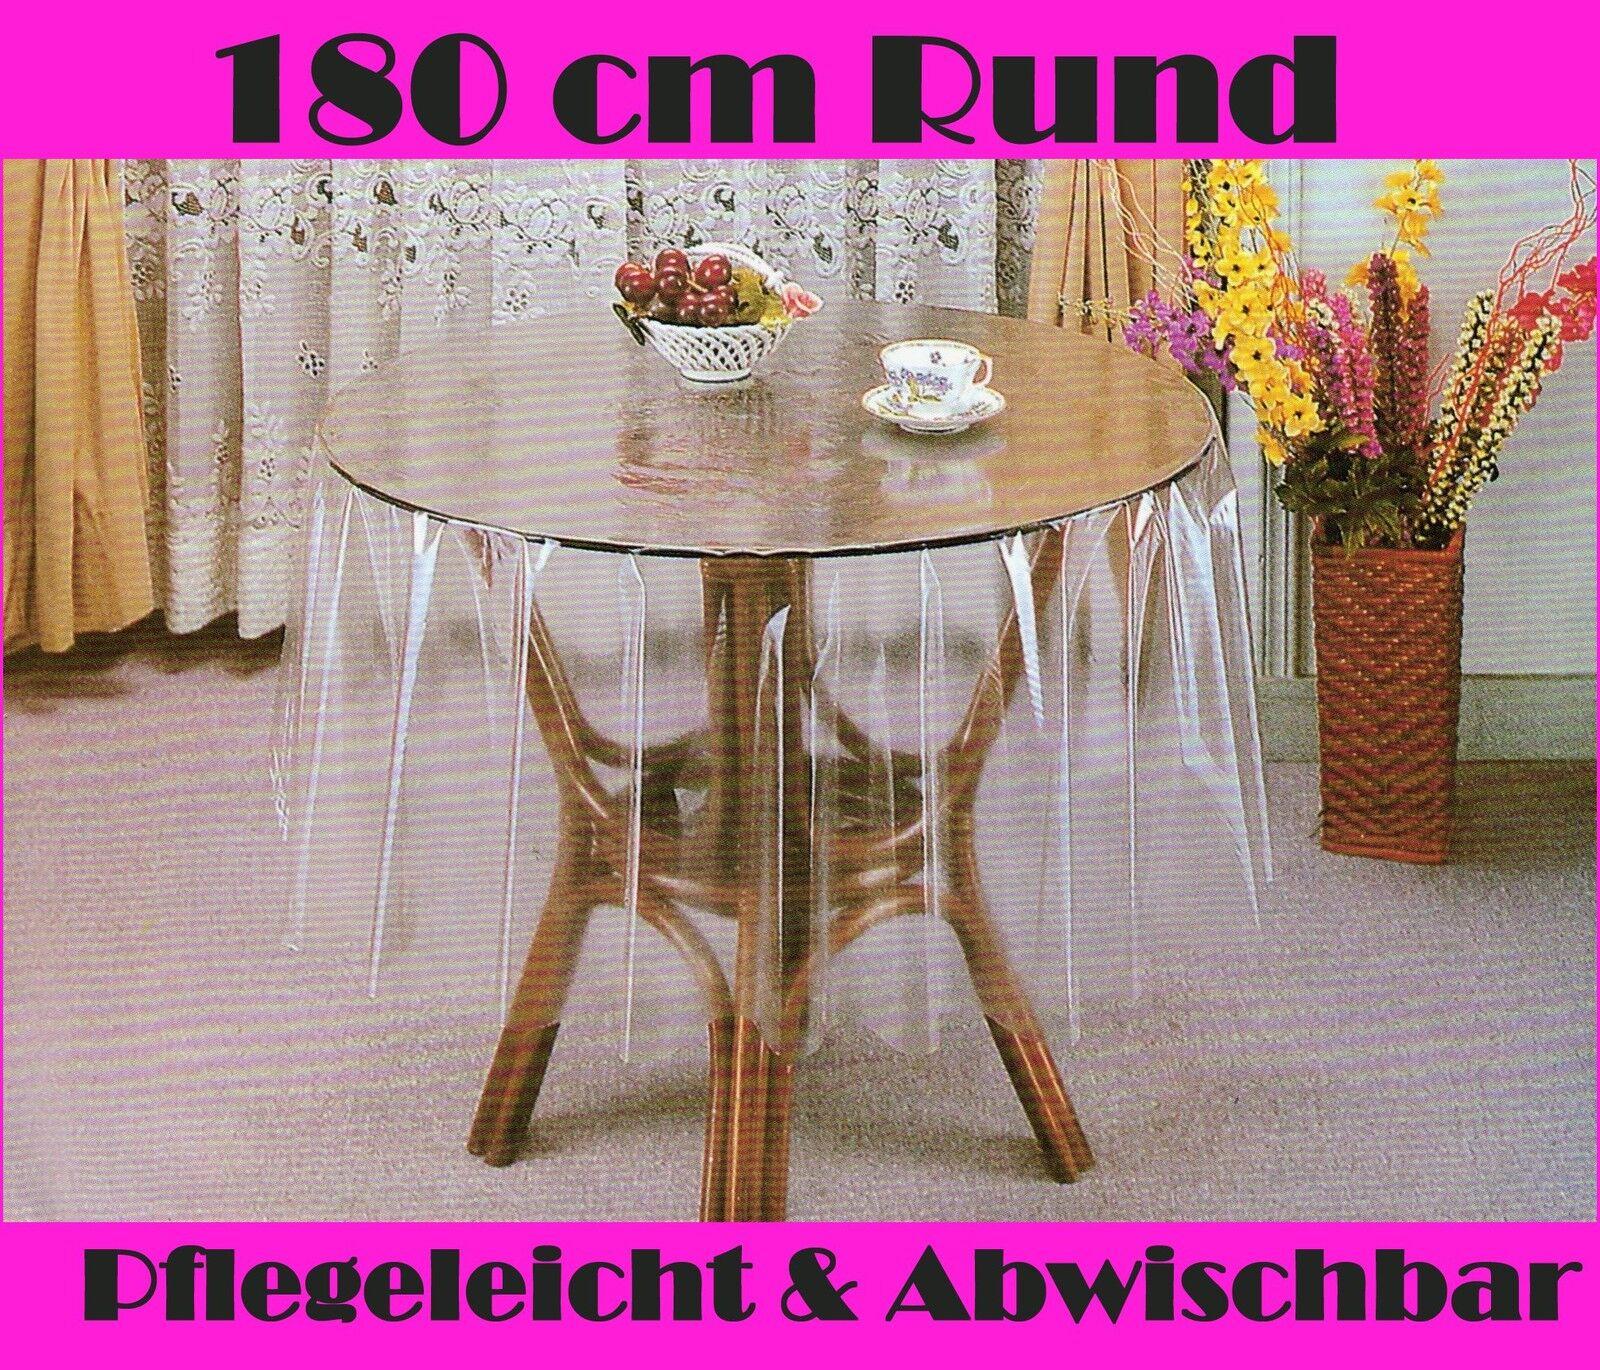 180 rund tischdecke durchsichtig transparent schutzdecke. Black Bedroom Furniture Sets. Home Design Ideas